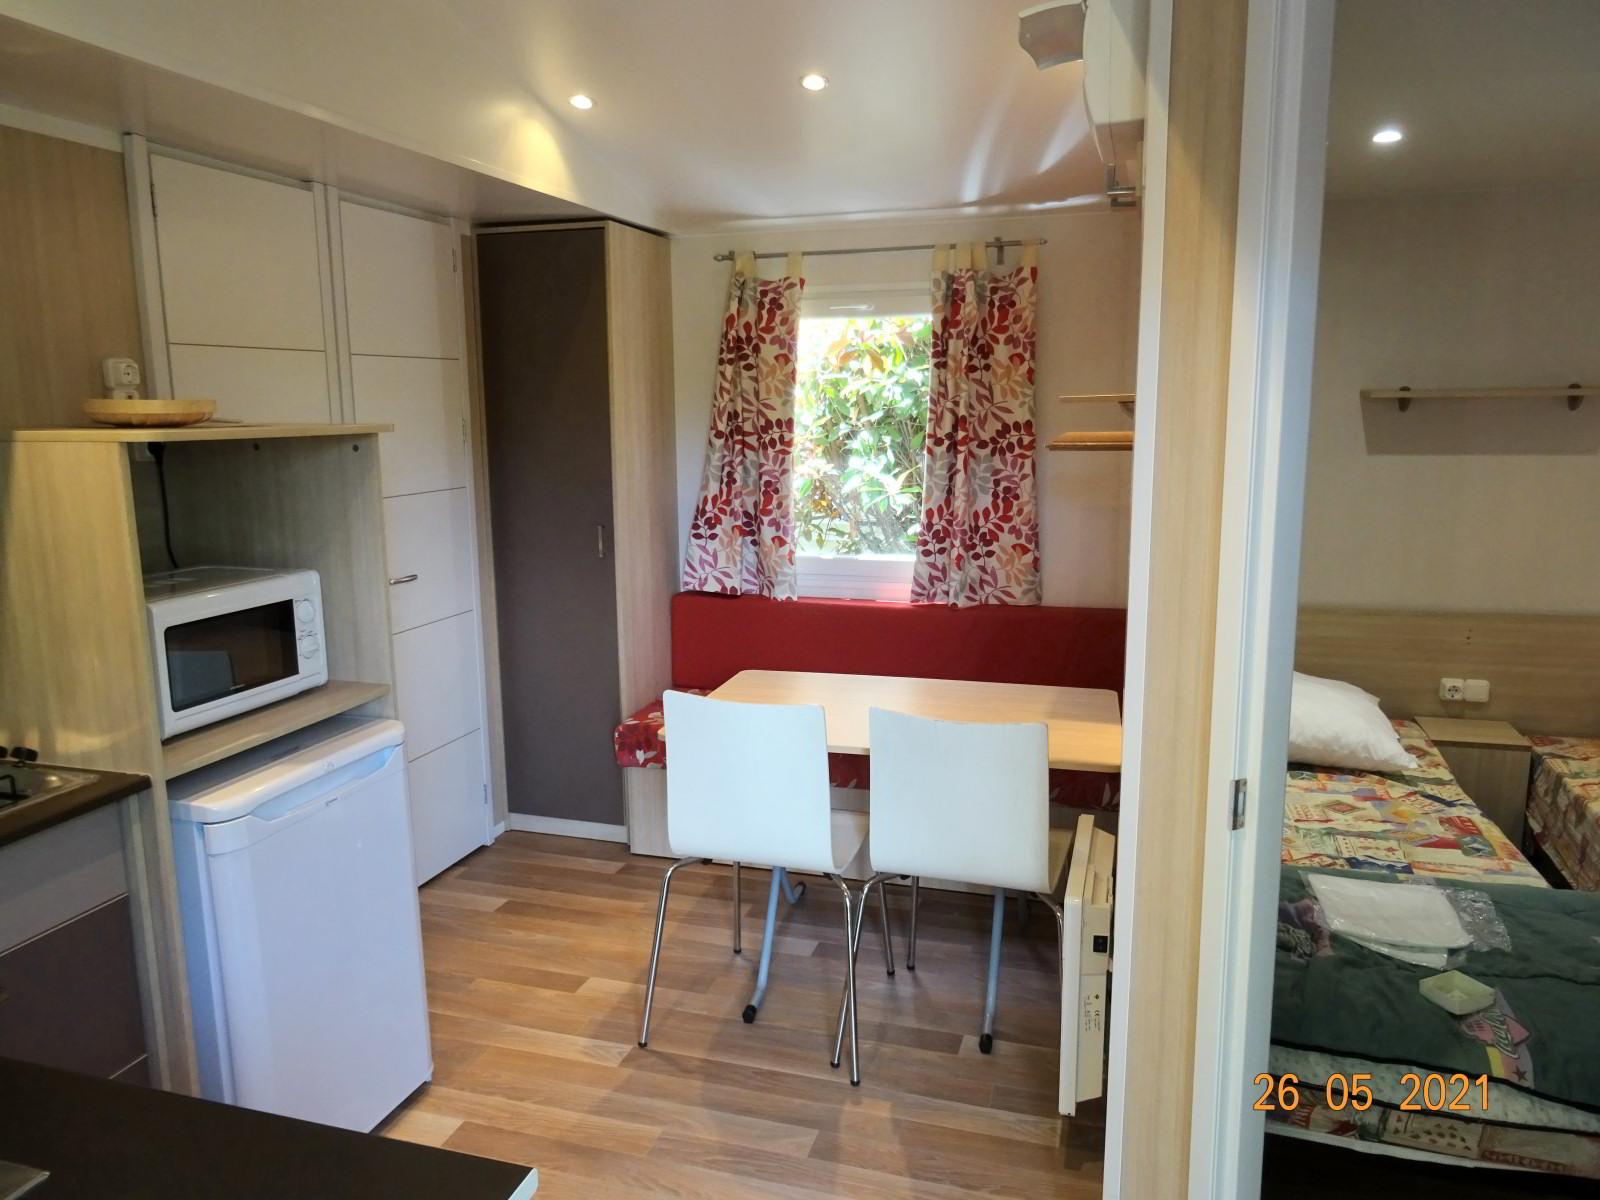 Mobilheim mit 2 Schlafzimmern